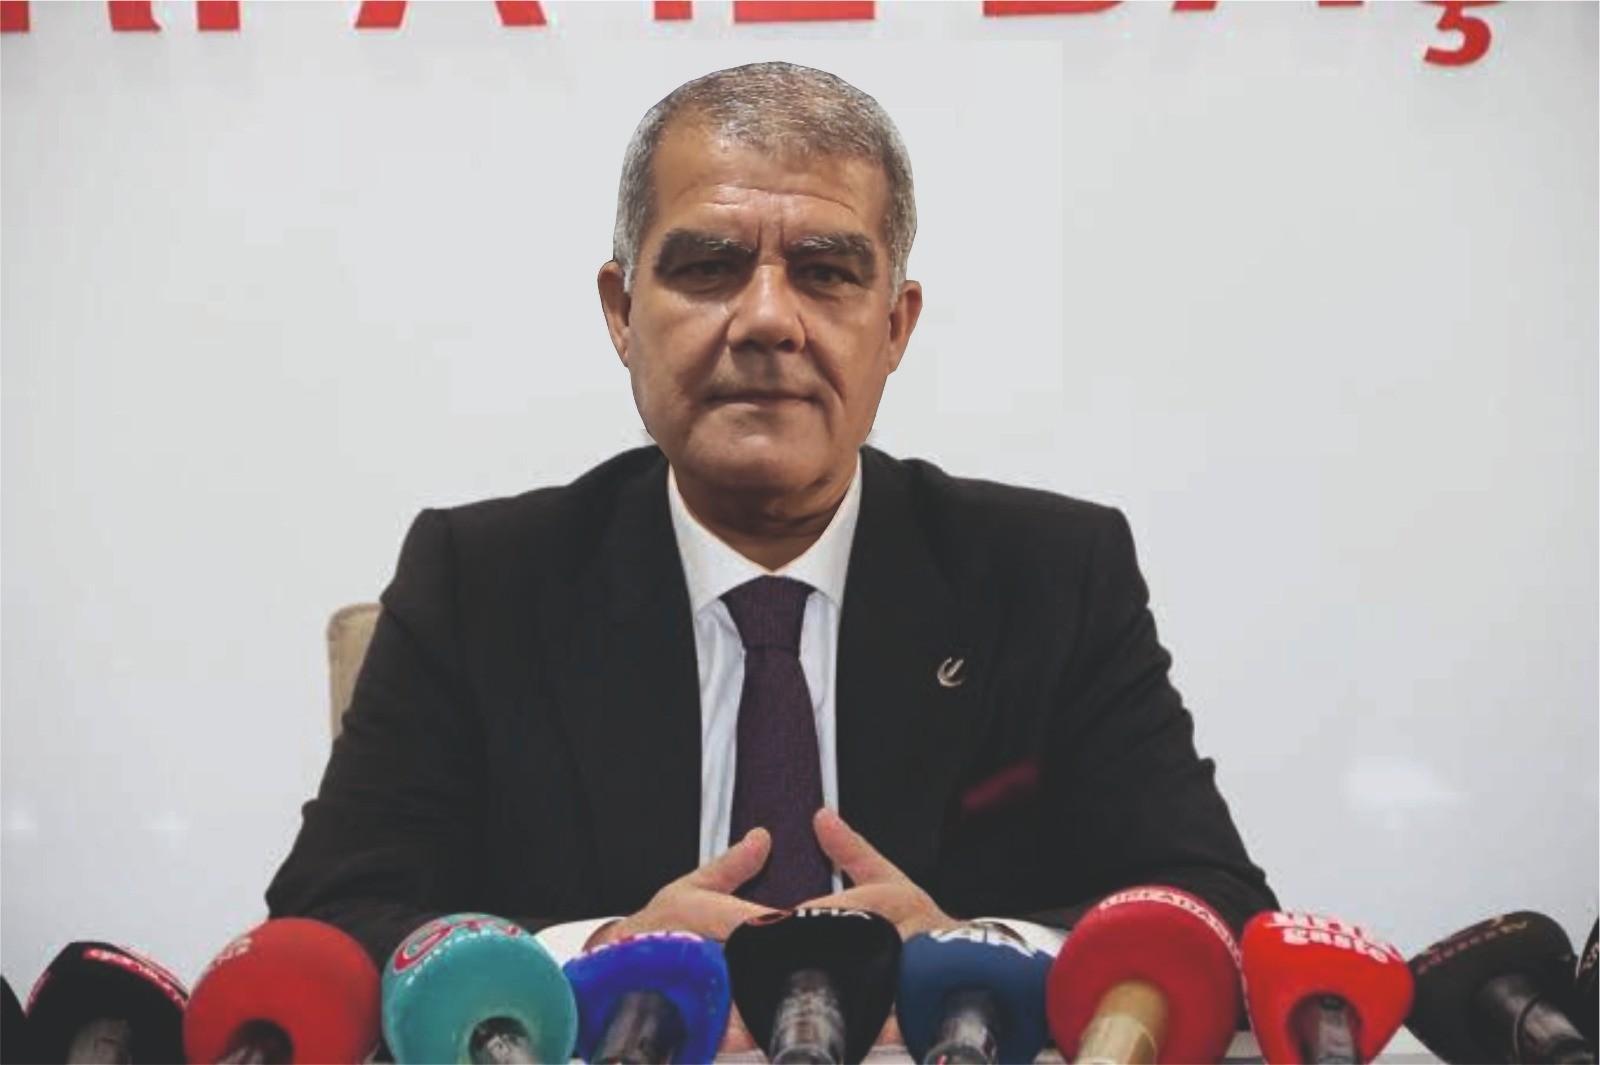 Yeniden Refah partisi Diyarbakır il başkan yardımcısı Mustafa Şenol Mehmet Akif'i anlattı